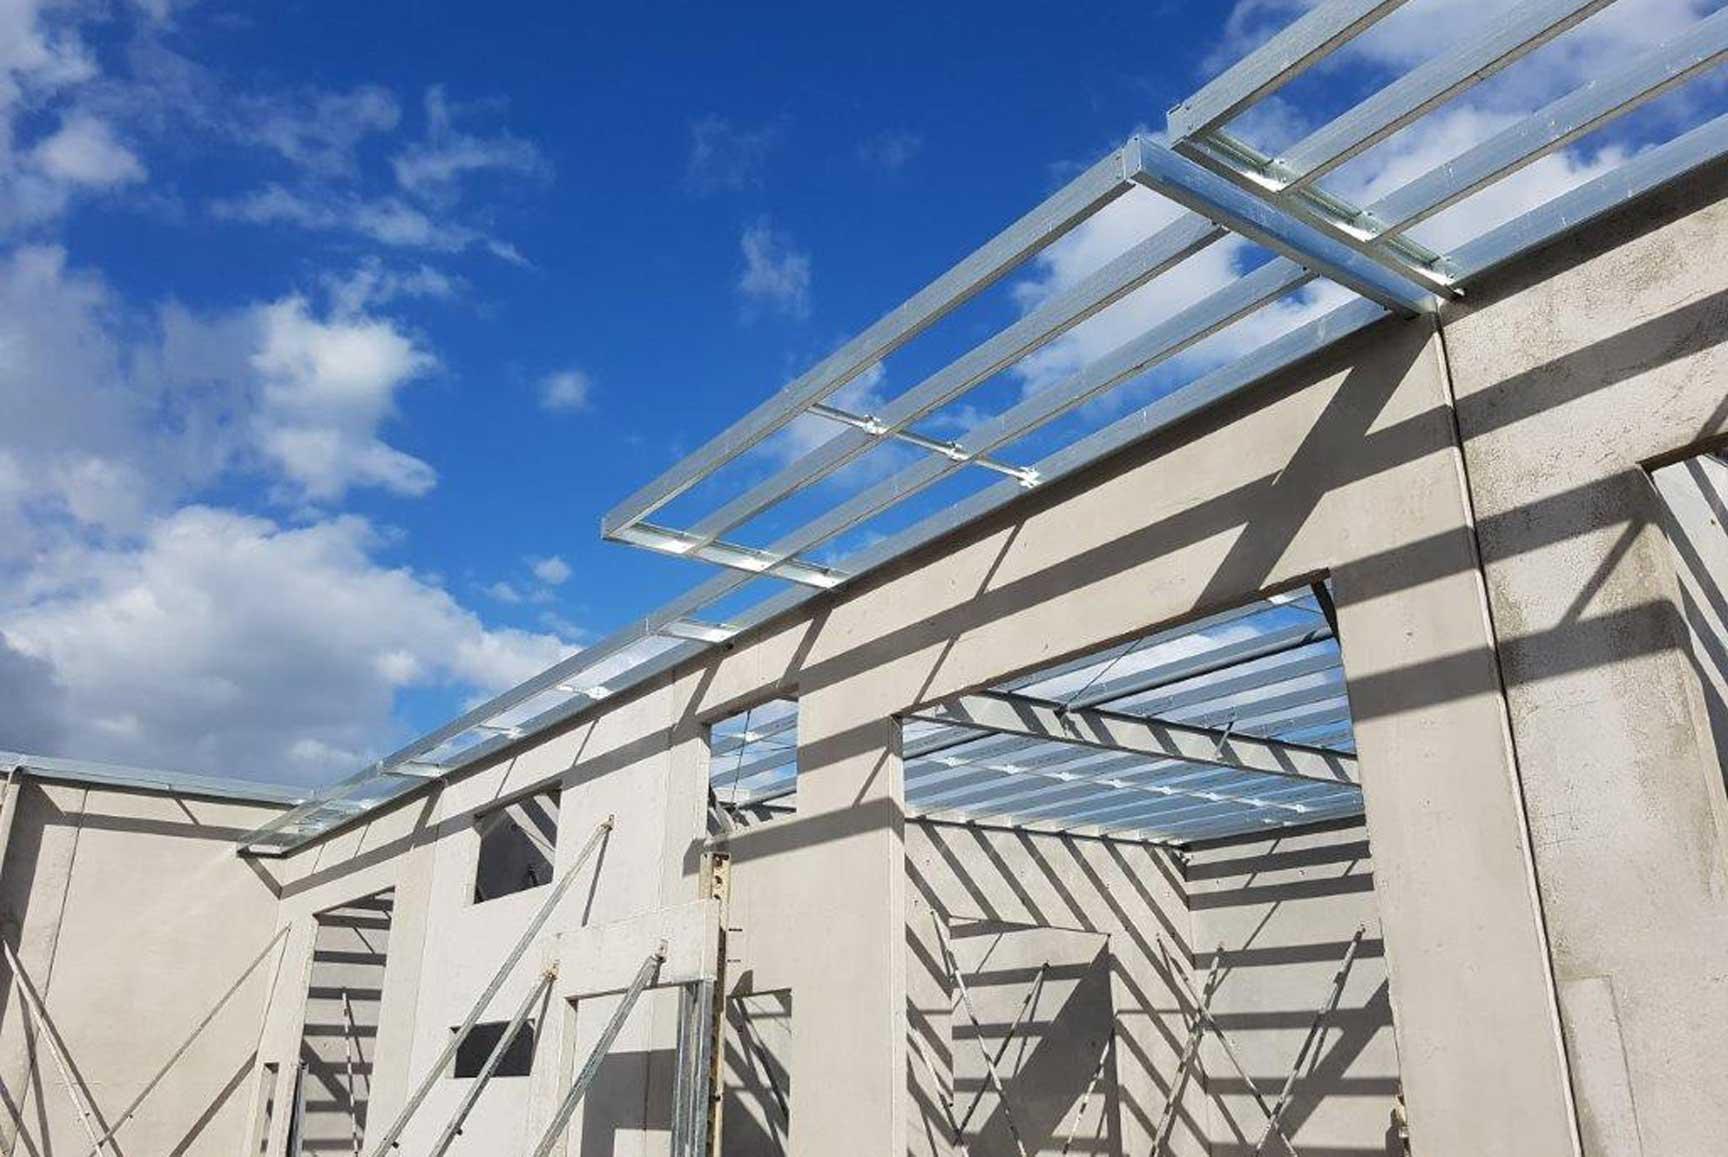 scg engineers - industrial project tilt panel buildings